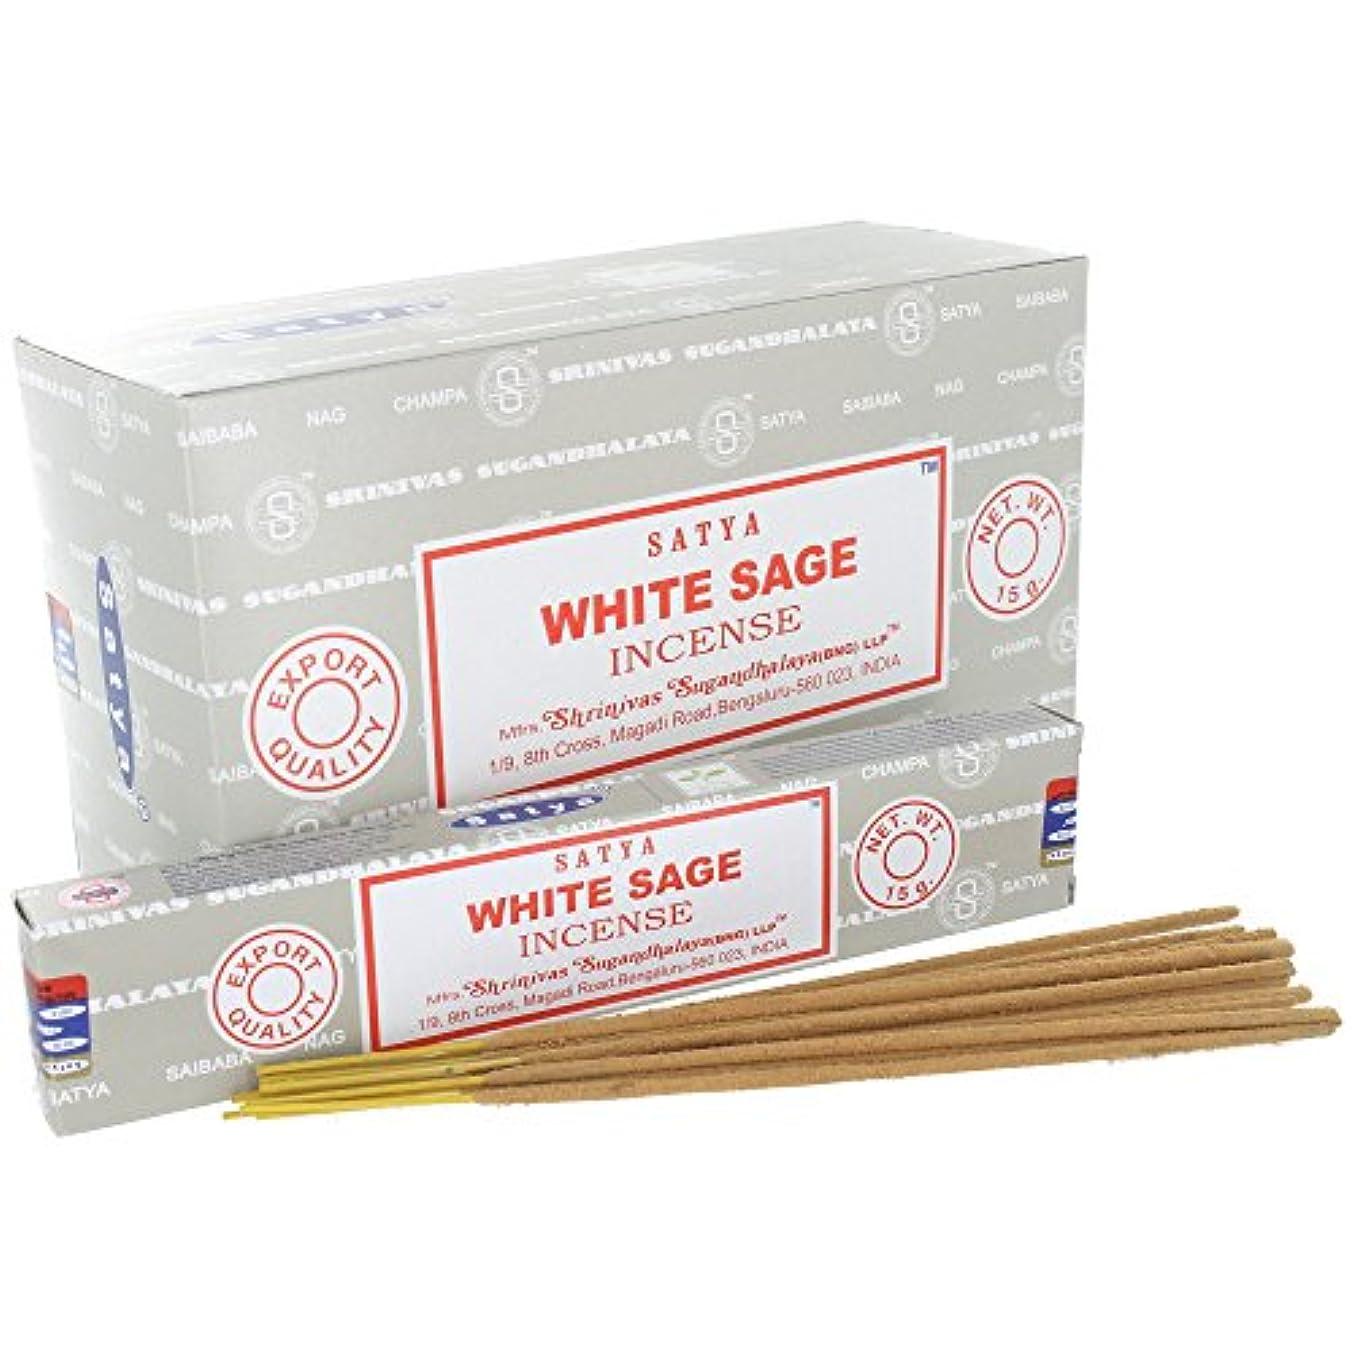 トークンペレグリネーション各Satya White Sage Incense Sticks (Box) 15g X 12 = 180g